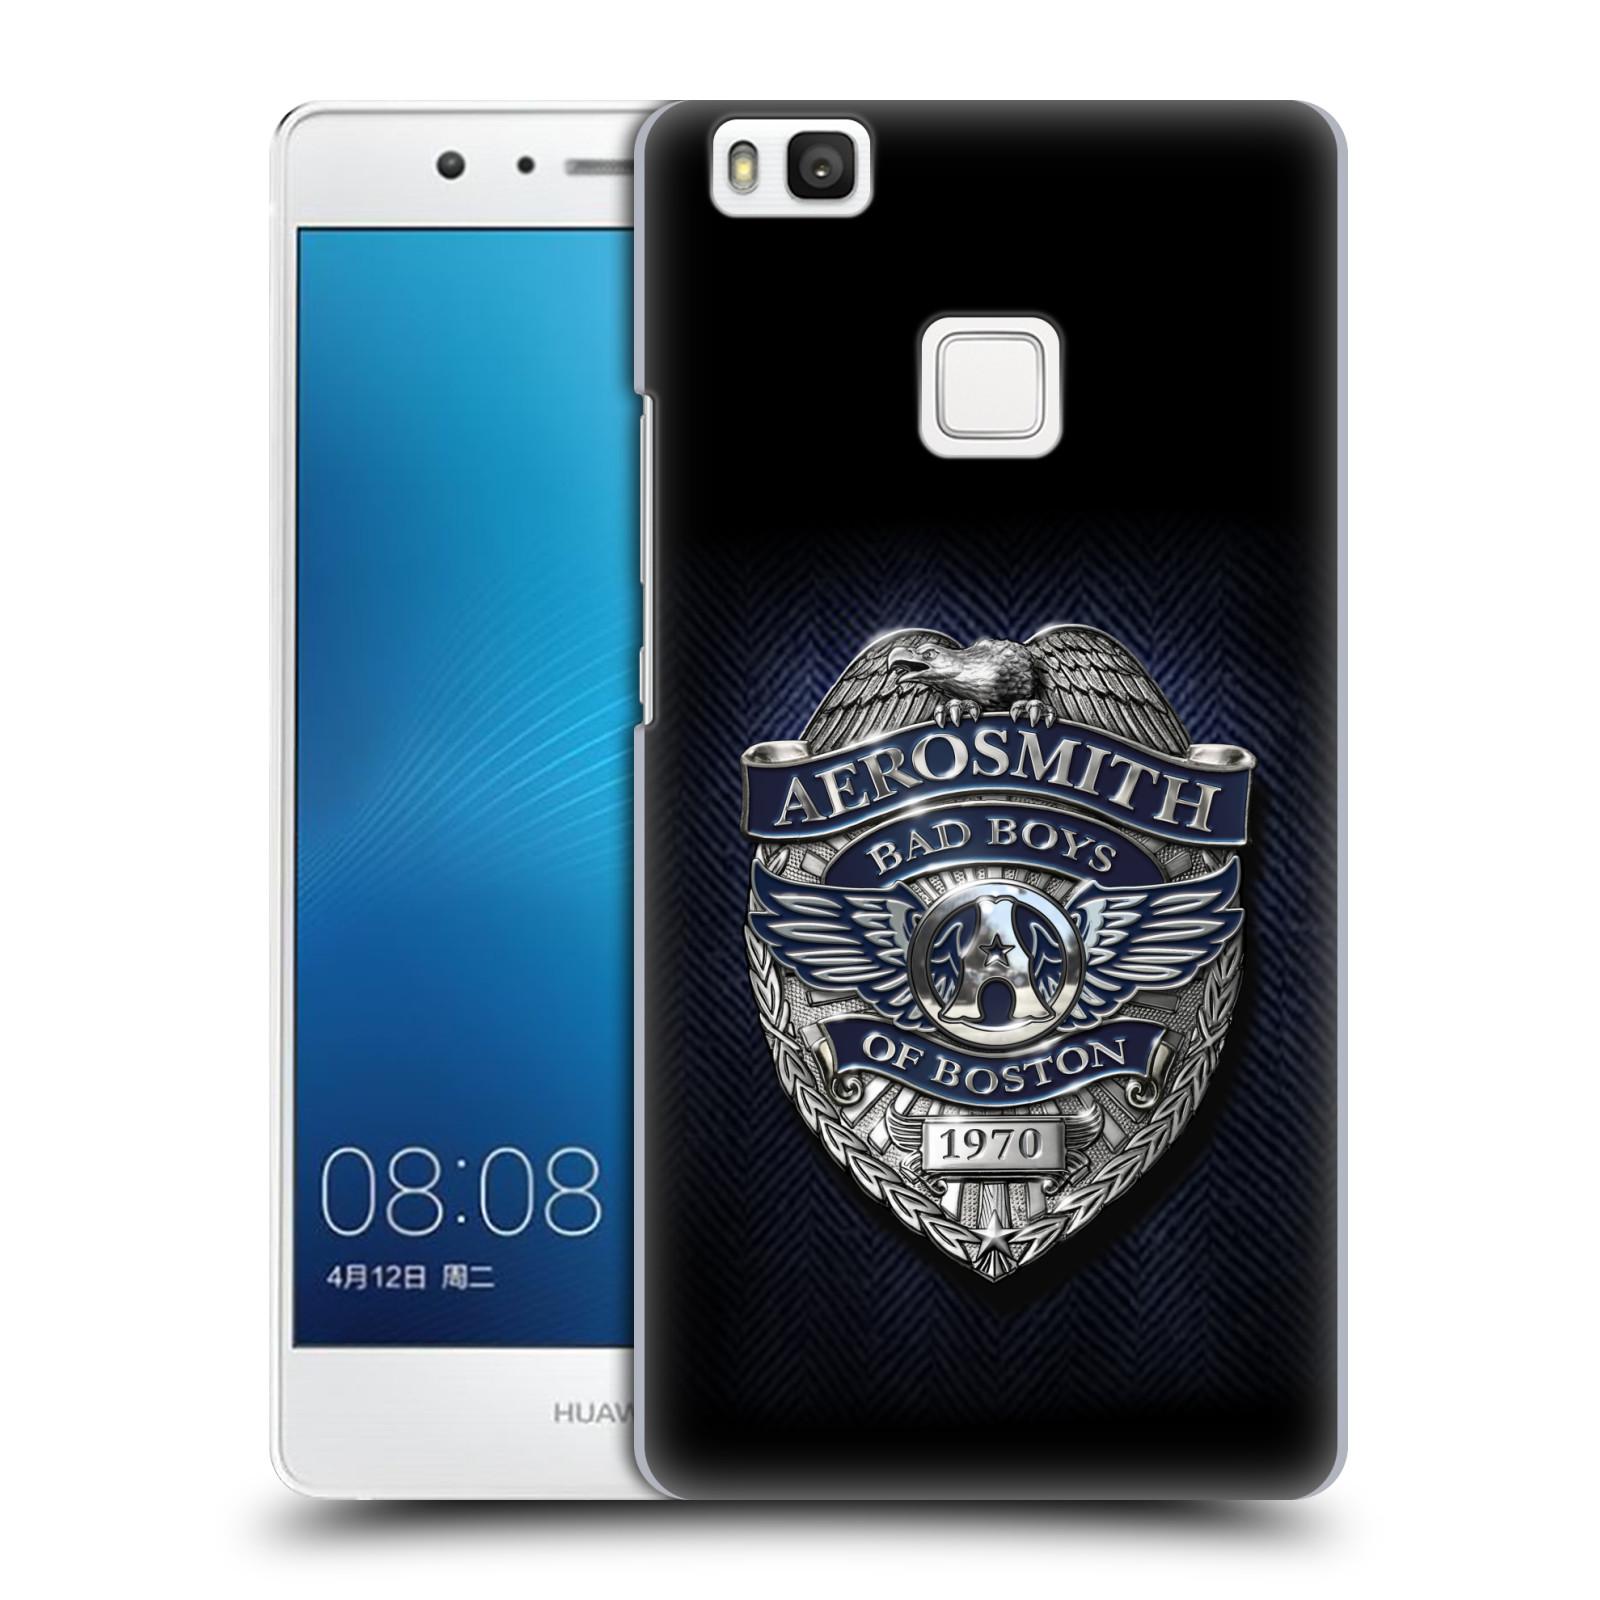 Plastové pouzdro na mobil Huawei P9 Lite HEAD CASE - Aerosmith - Bad Boys of Boston